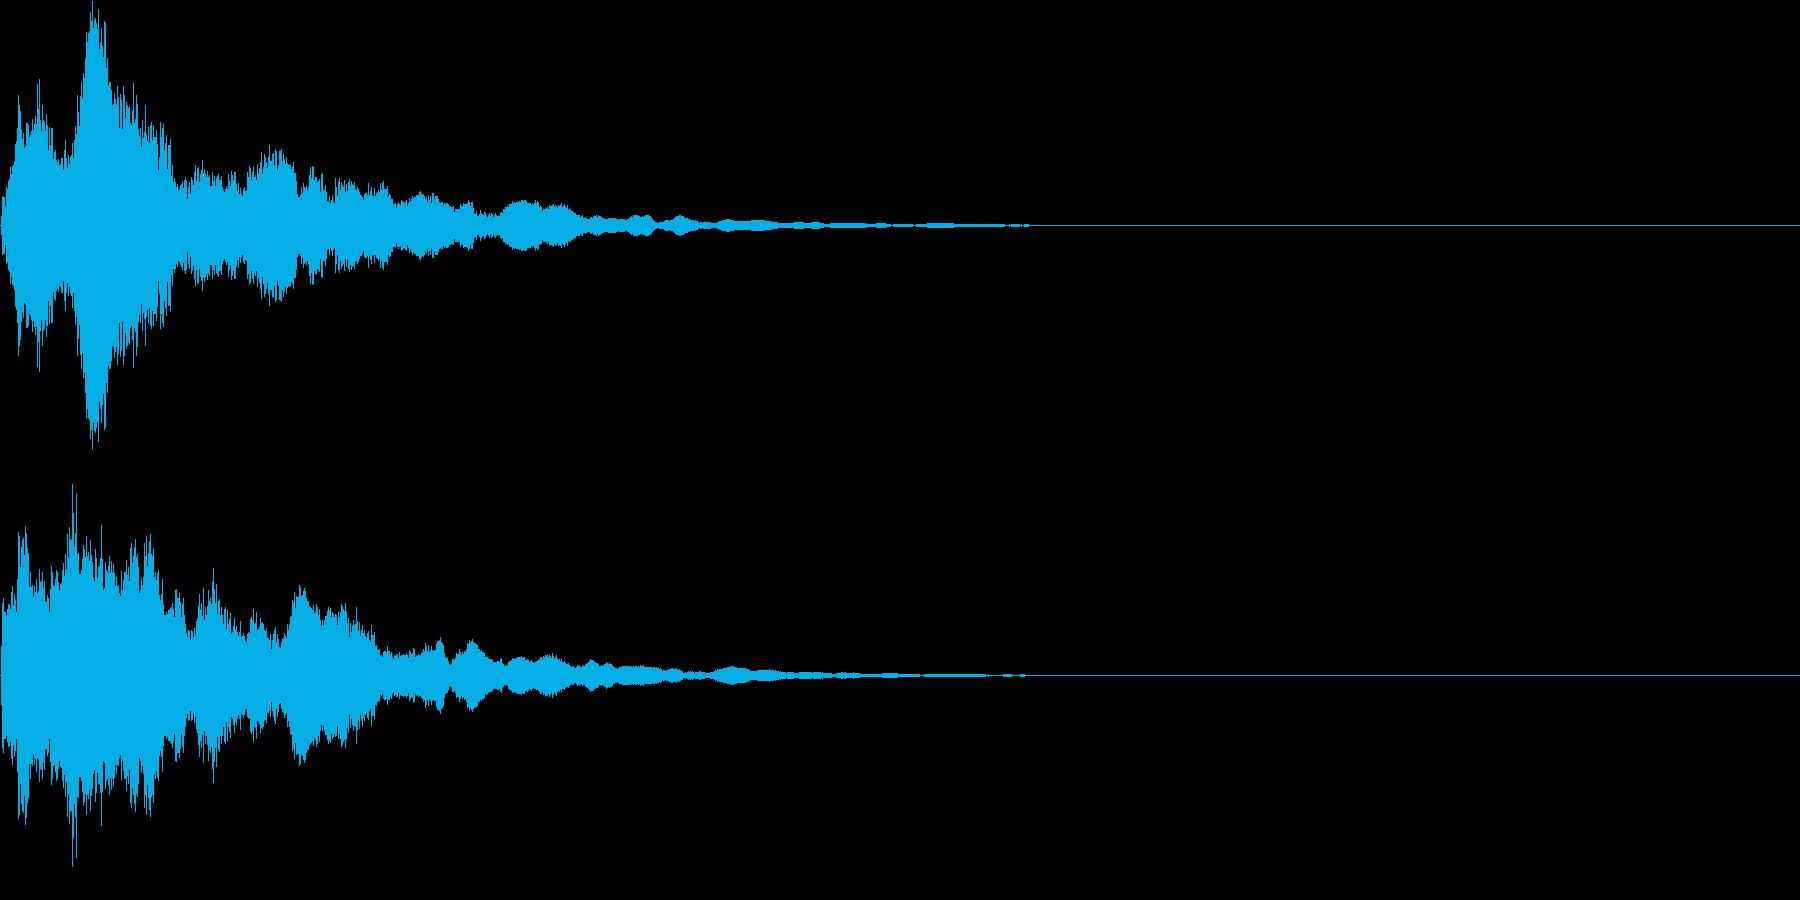 キラフワーン(セーブ・ロード・記録)の再生済みの波形